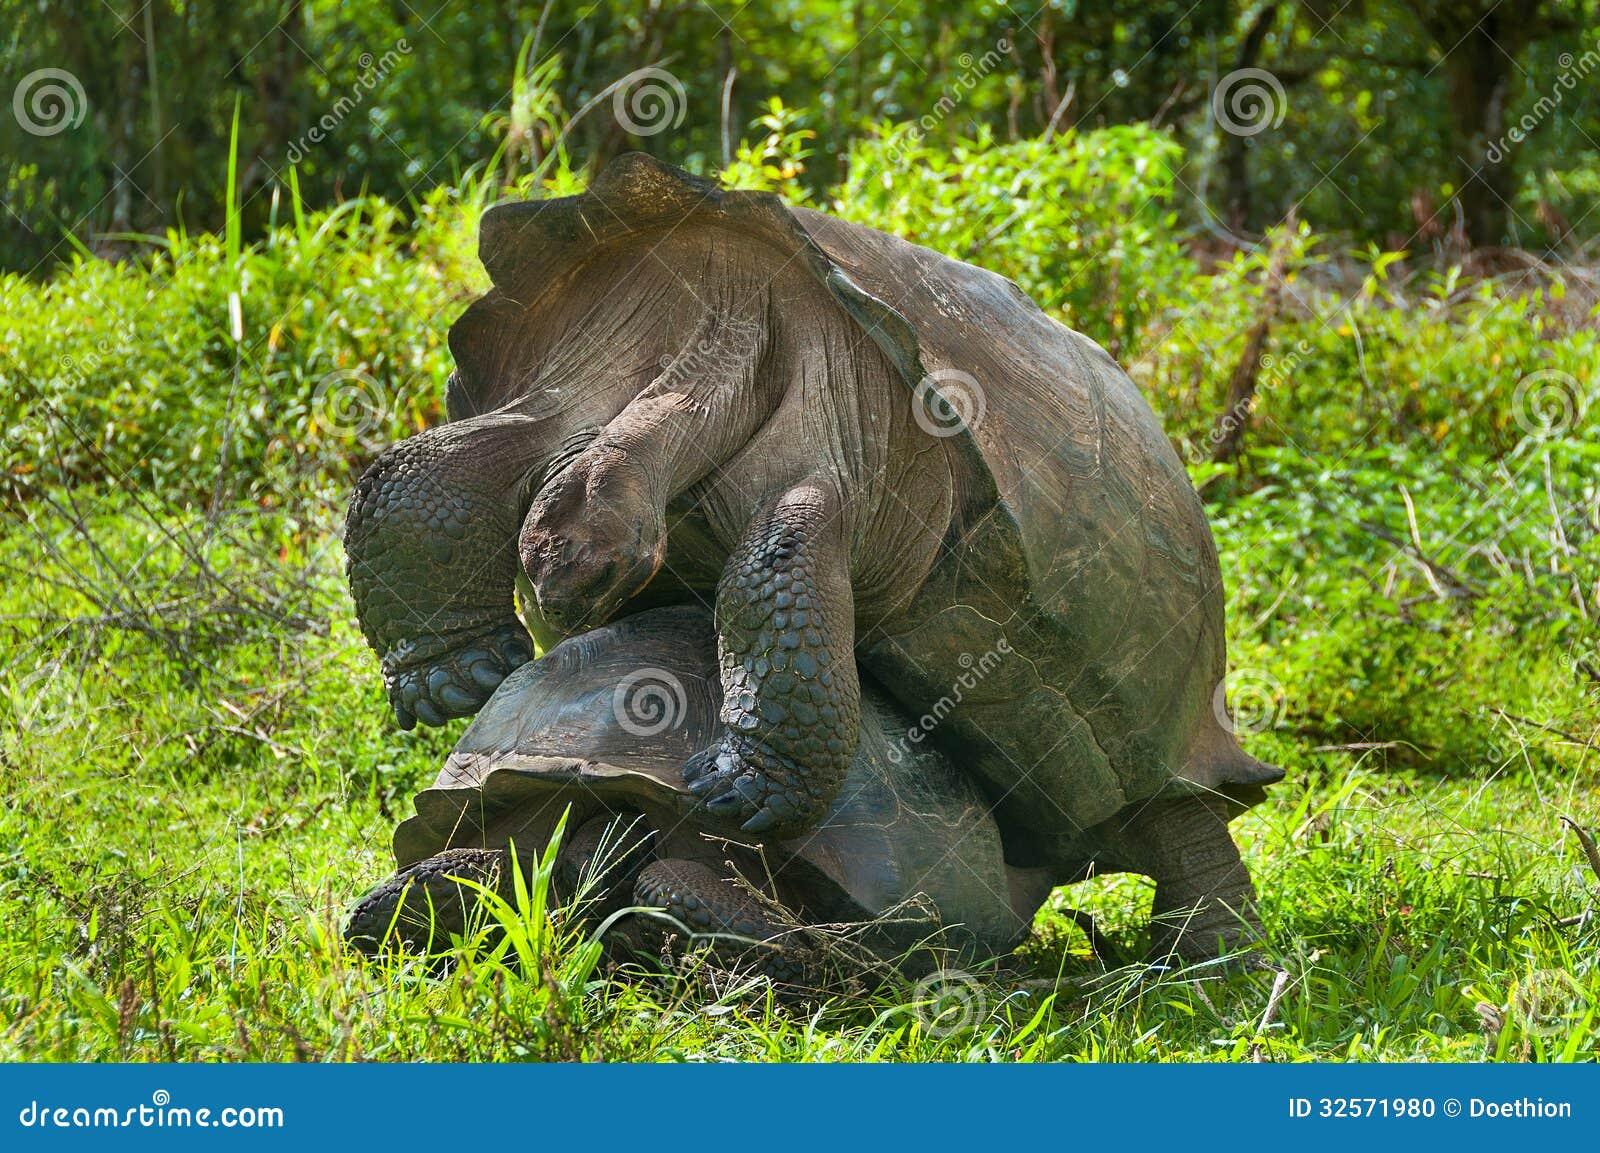 Tartarughe giganti accoppiamento fotografia stock for Accoppiamento tartarughe